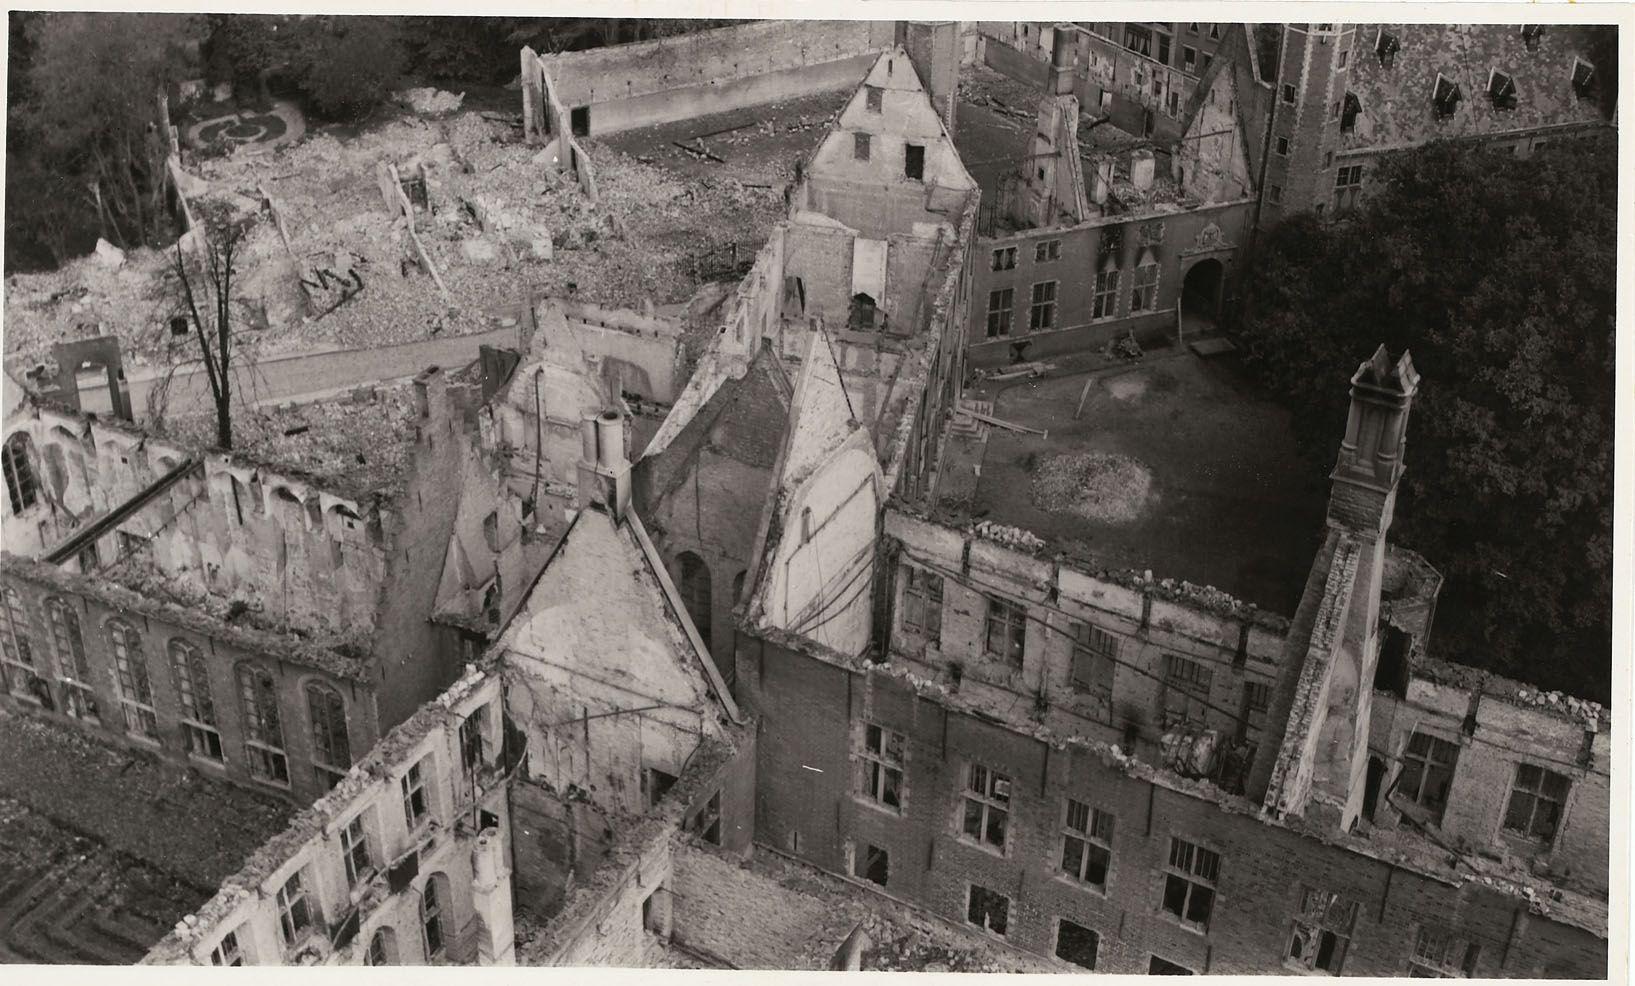 Gezicht vanaf de Abdijtoren op een deel van de Abdij na de brand, 1940. (Zeeuws Archief, HTAM)